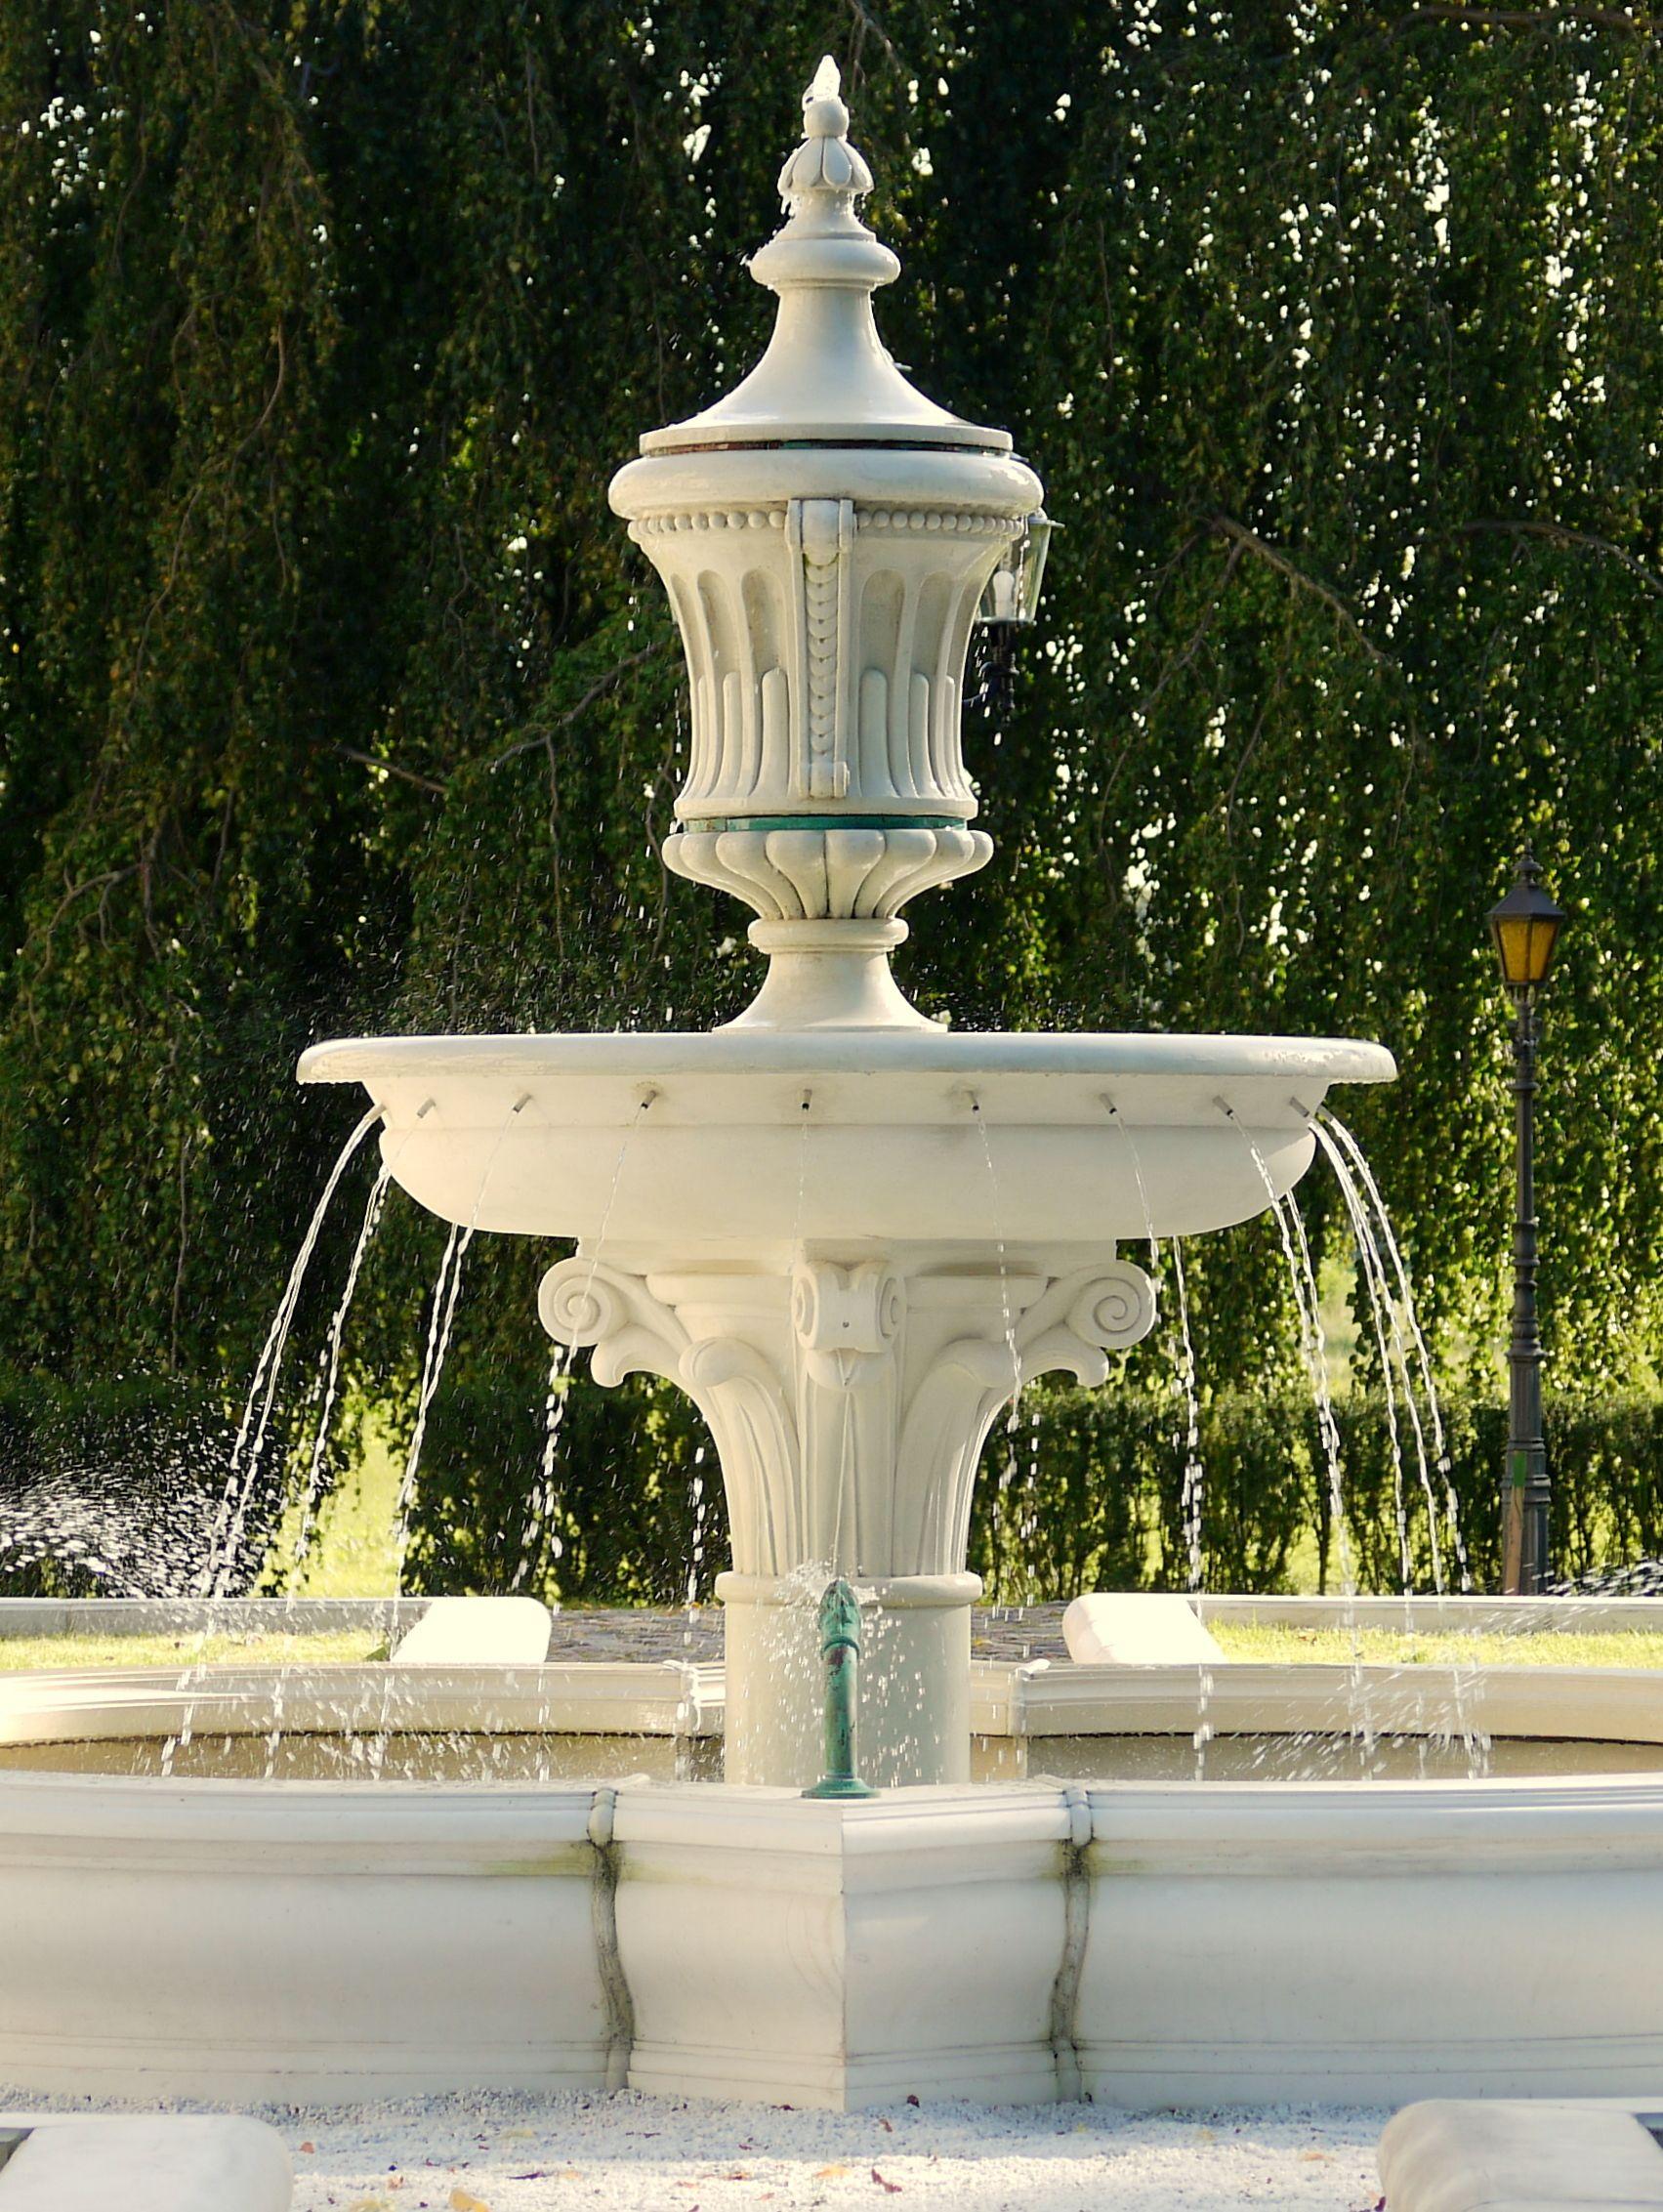 Garten springbrunnen trax matthies brunnen fountain for Garten springbrunnen